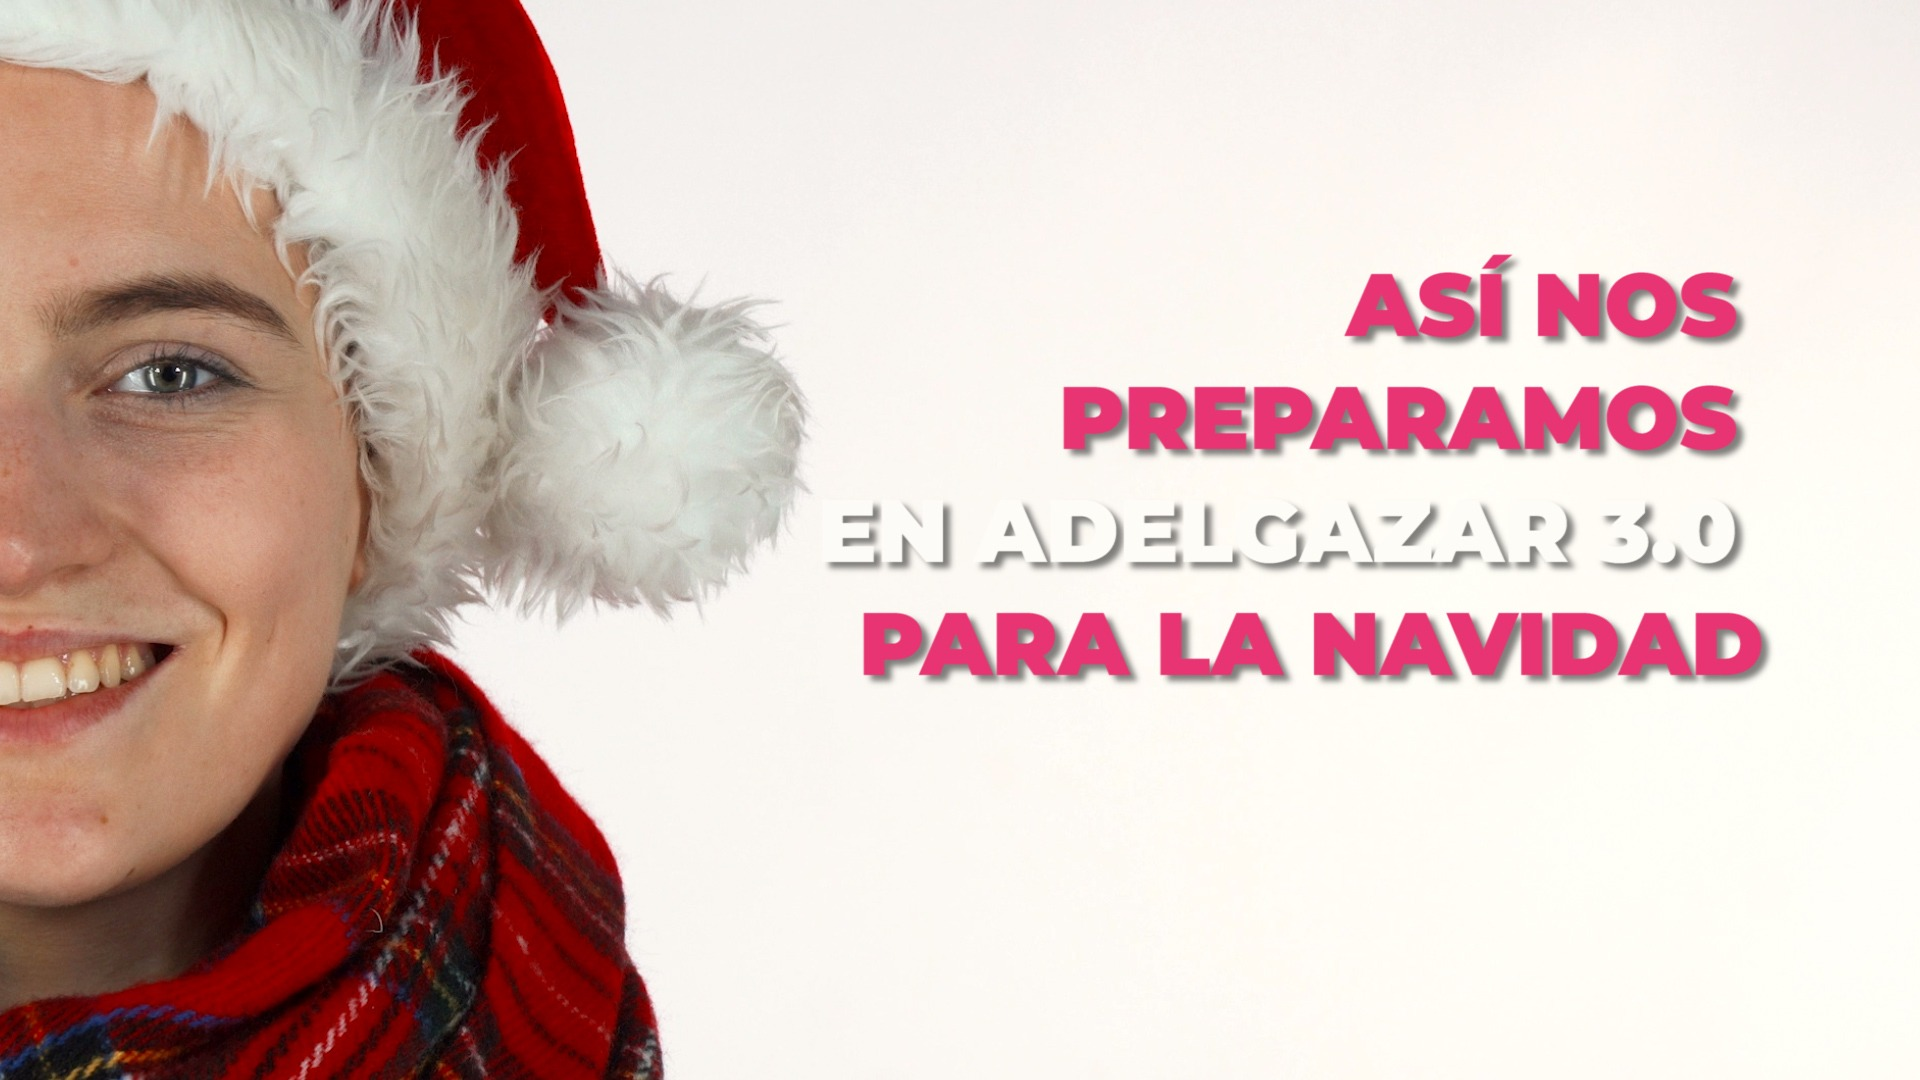 Así nos preparamos en Adelgazar 3.0 para la Navidad